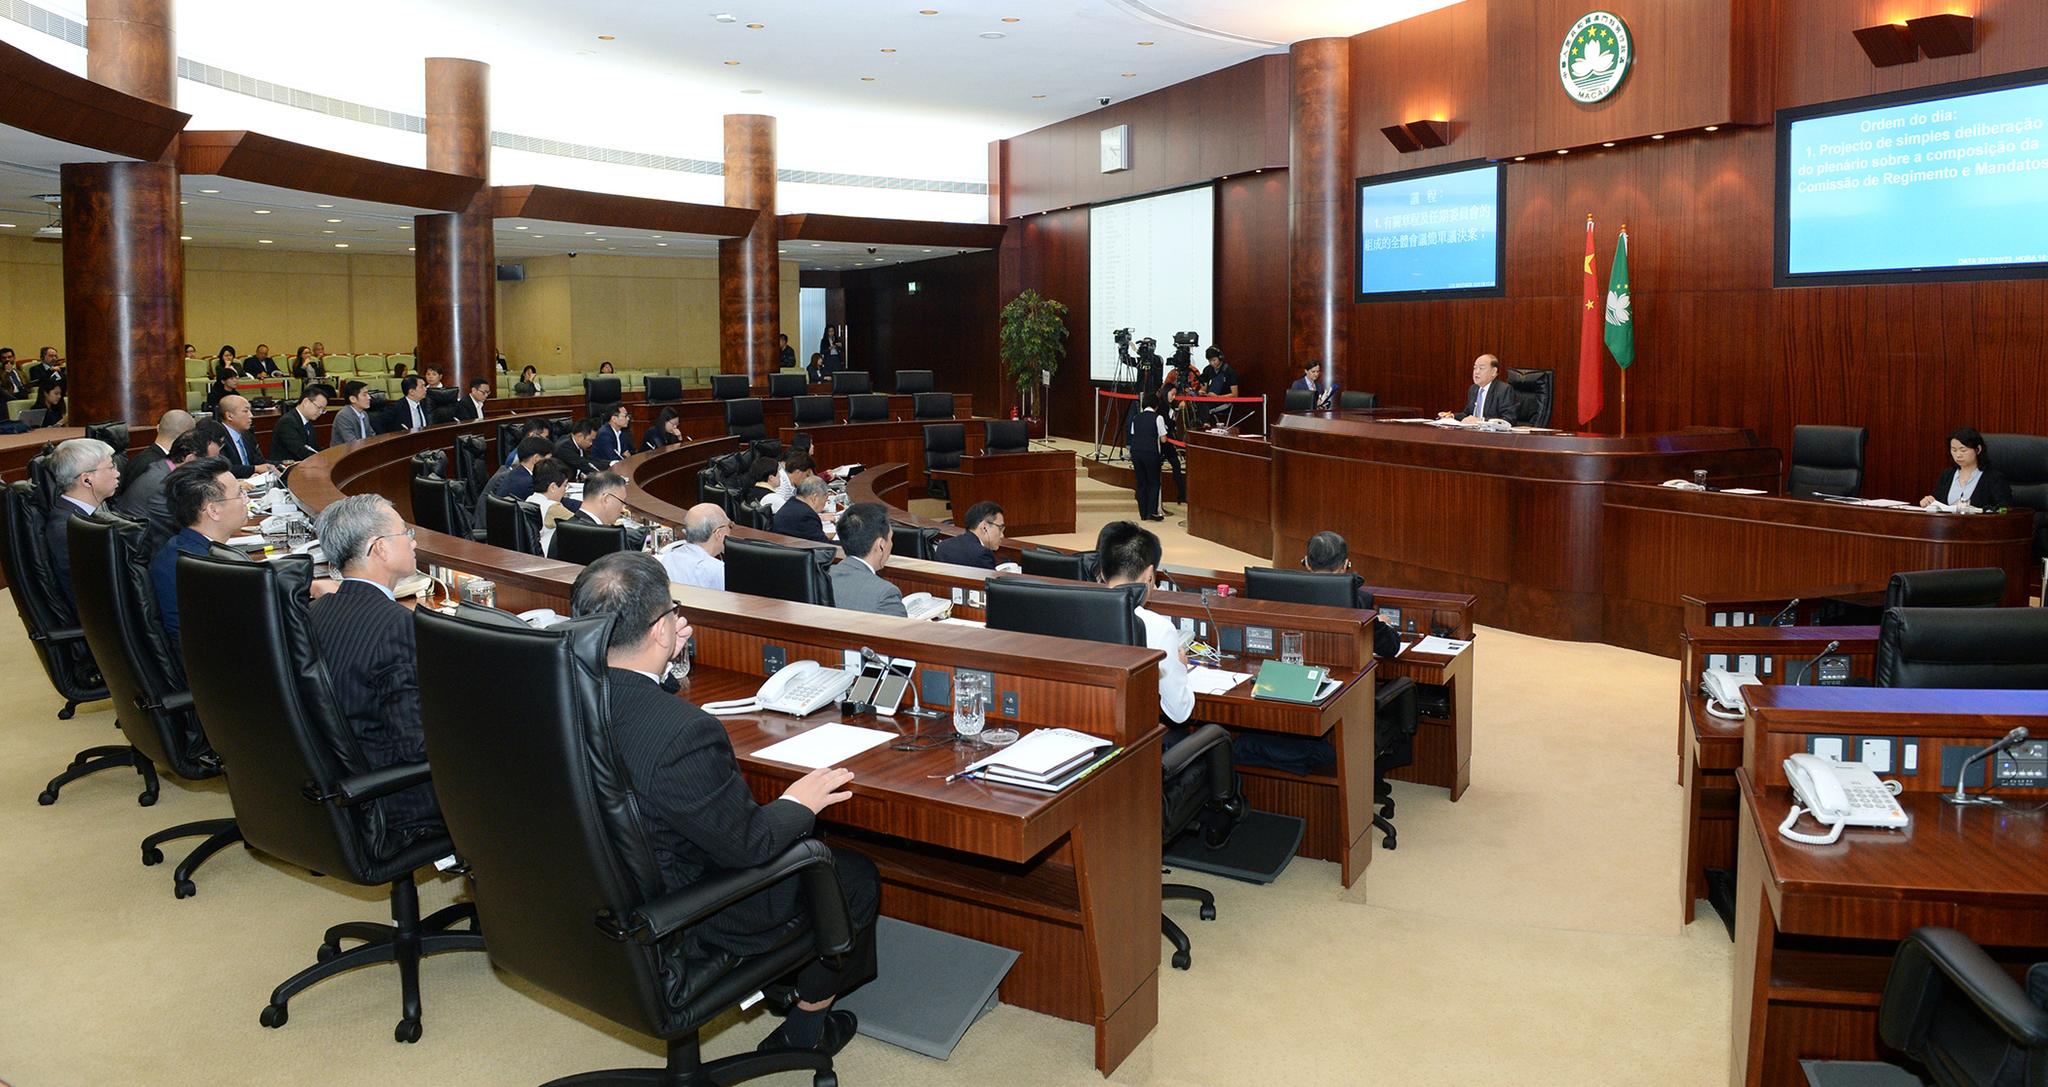 AL   Reuniões de Comissão de Acompanhamento das Finanças Públicas fechadas